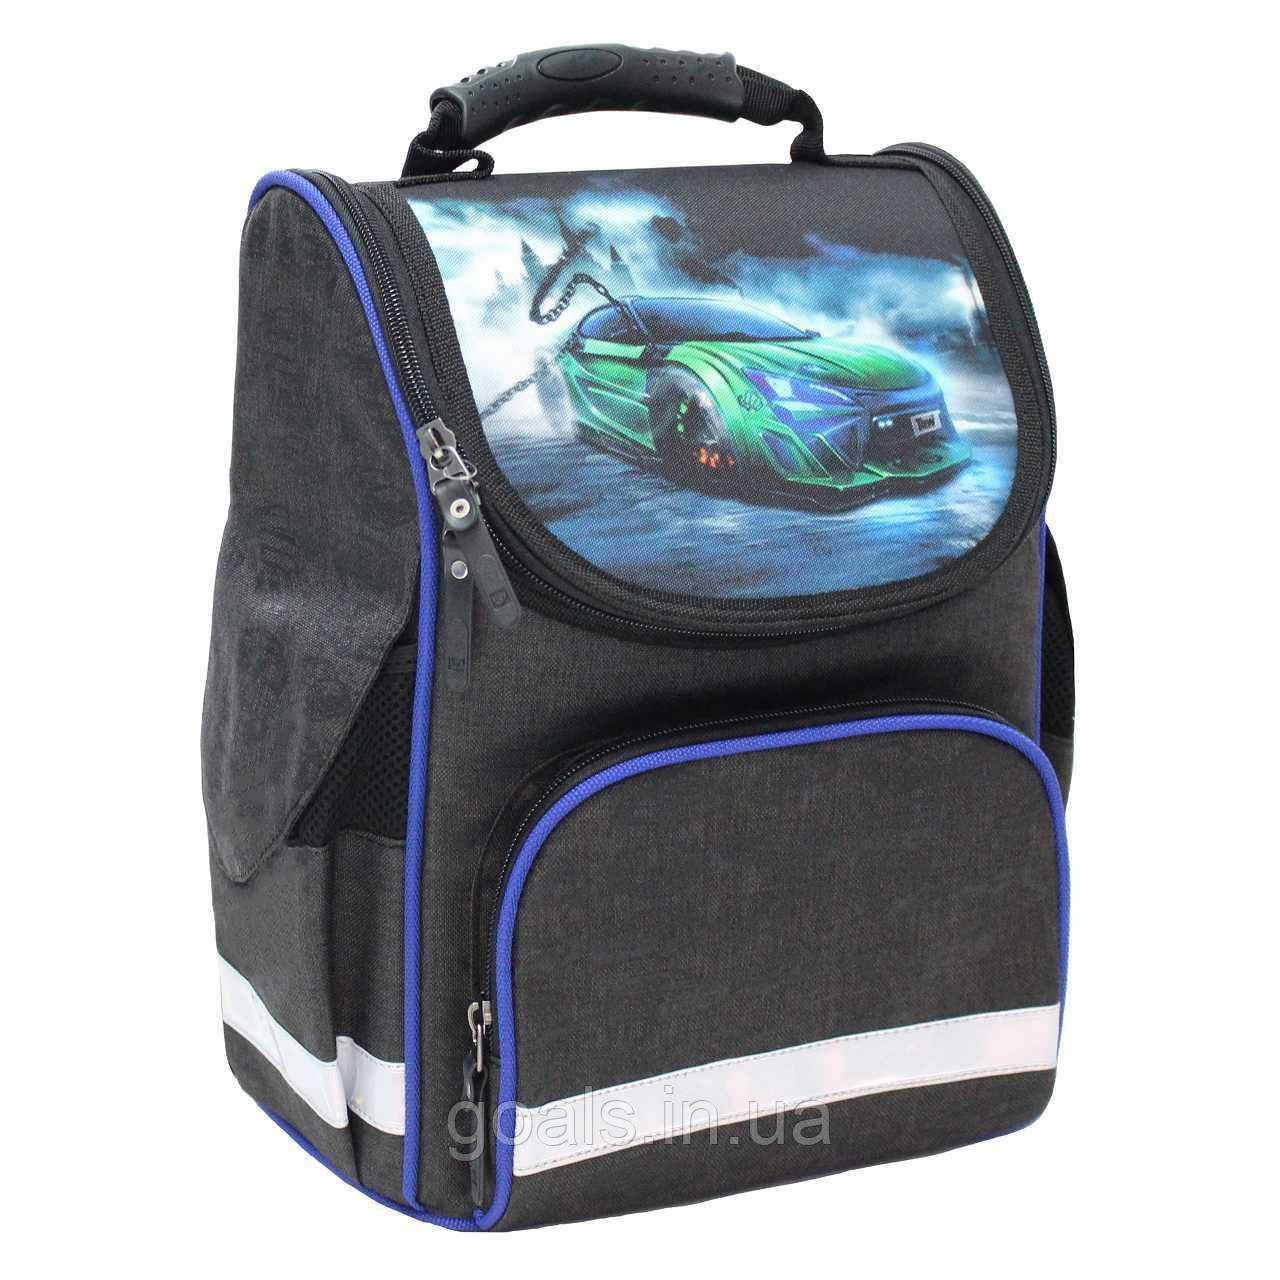 Рюкзак школьный каркасный Bagland Успех 12 л. чорний 3 м (00551692)